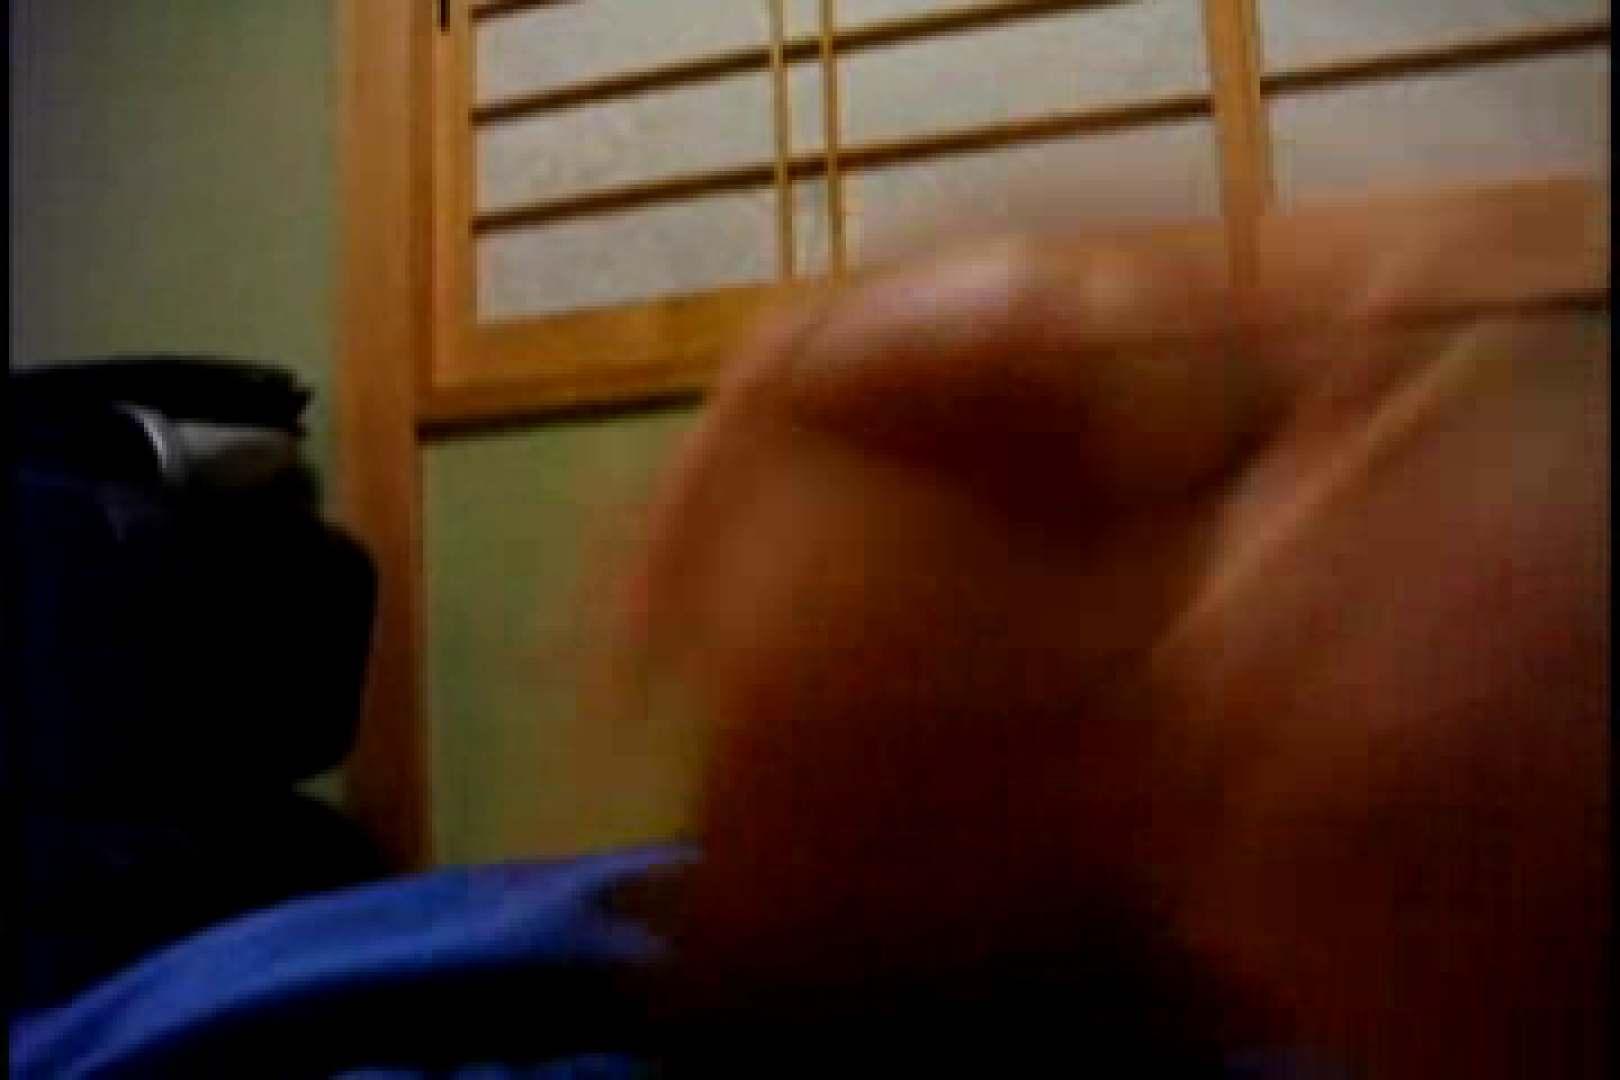 オナ好きノンケテニス部員の自画撮り投稿vol.02 射精天国 ゲイエロ動画 89pic 54